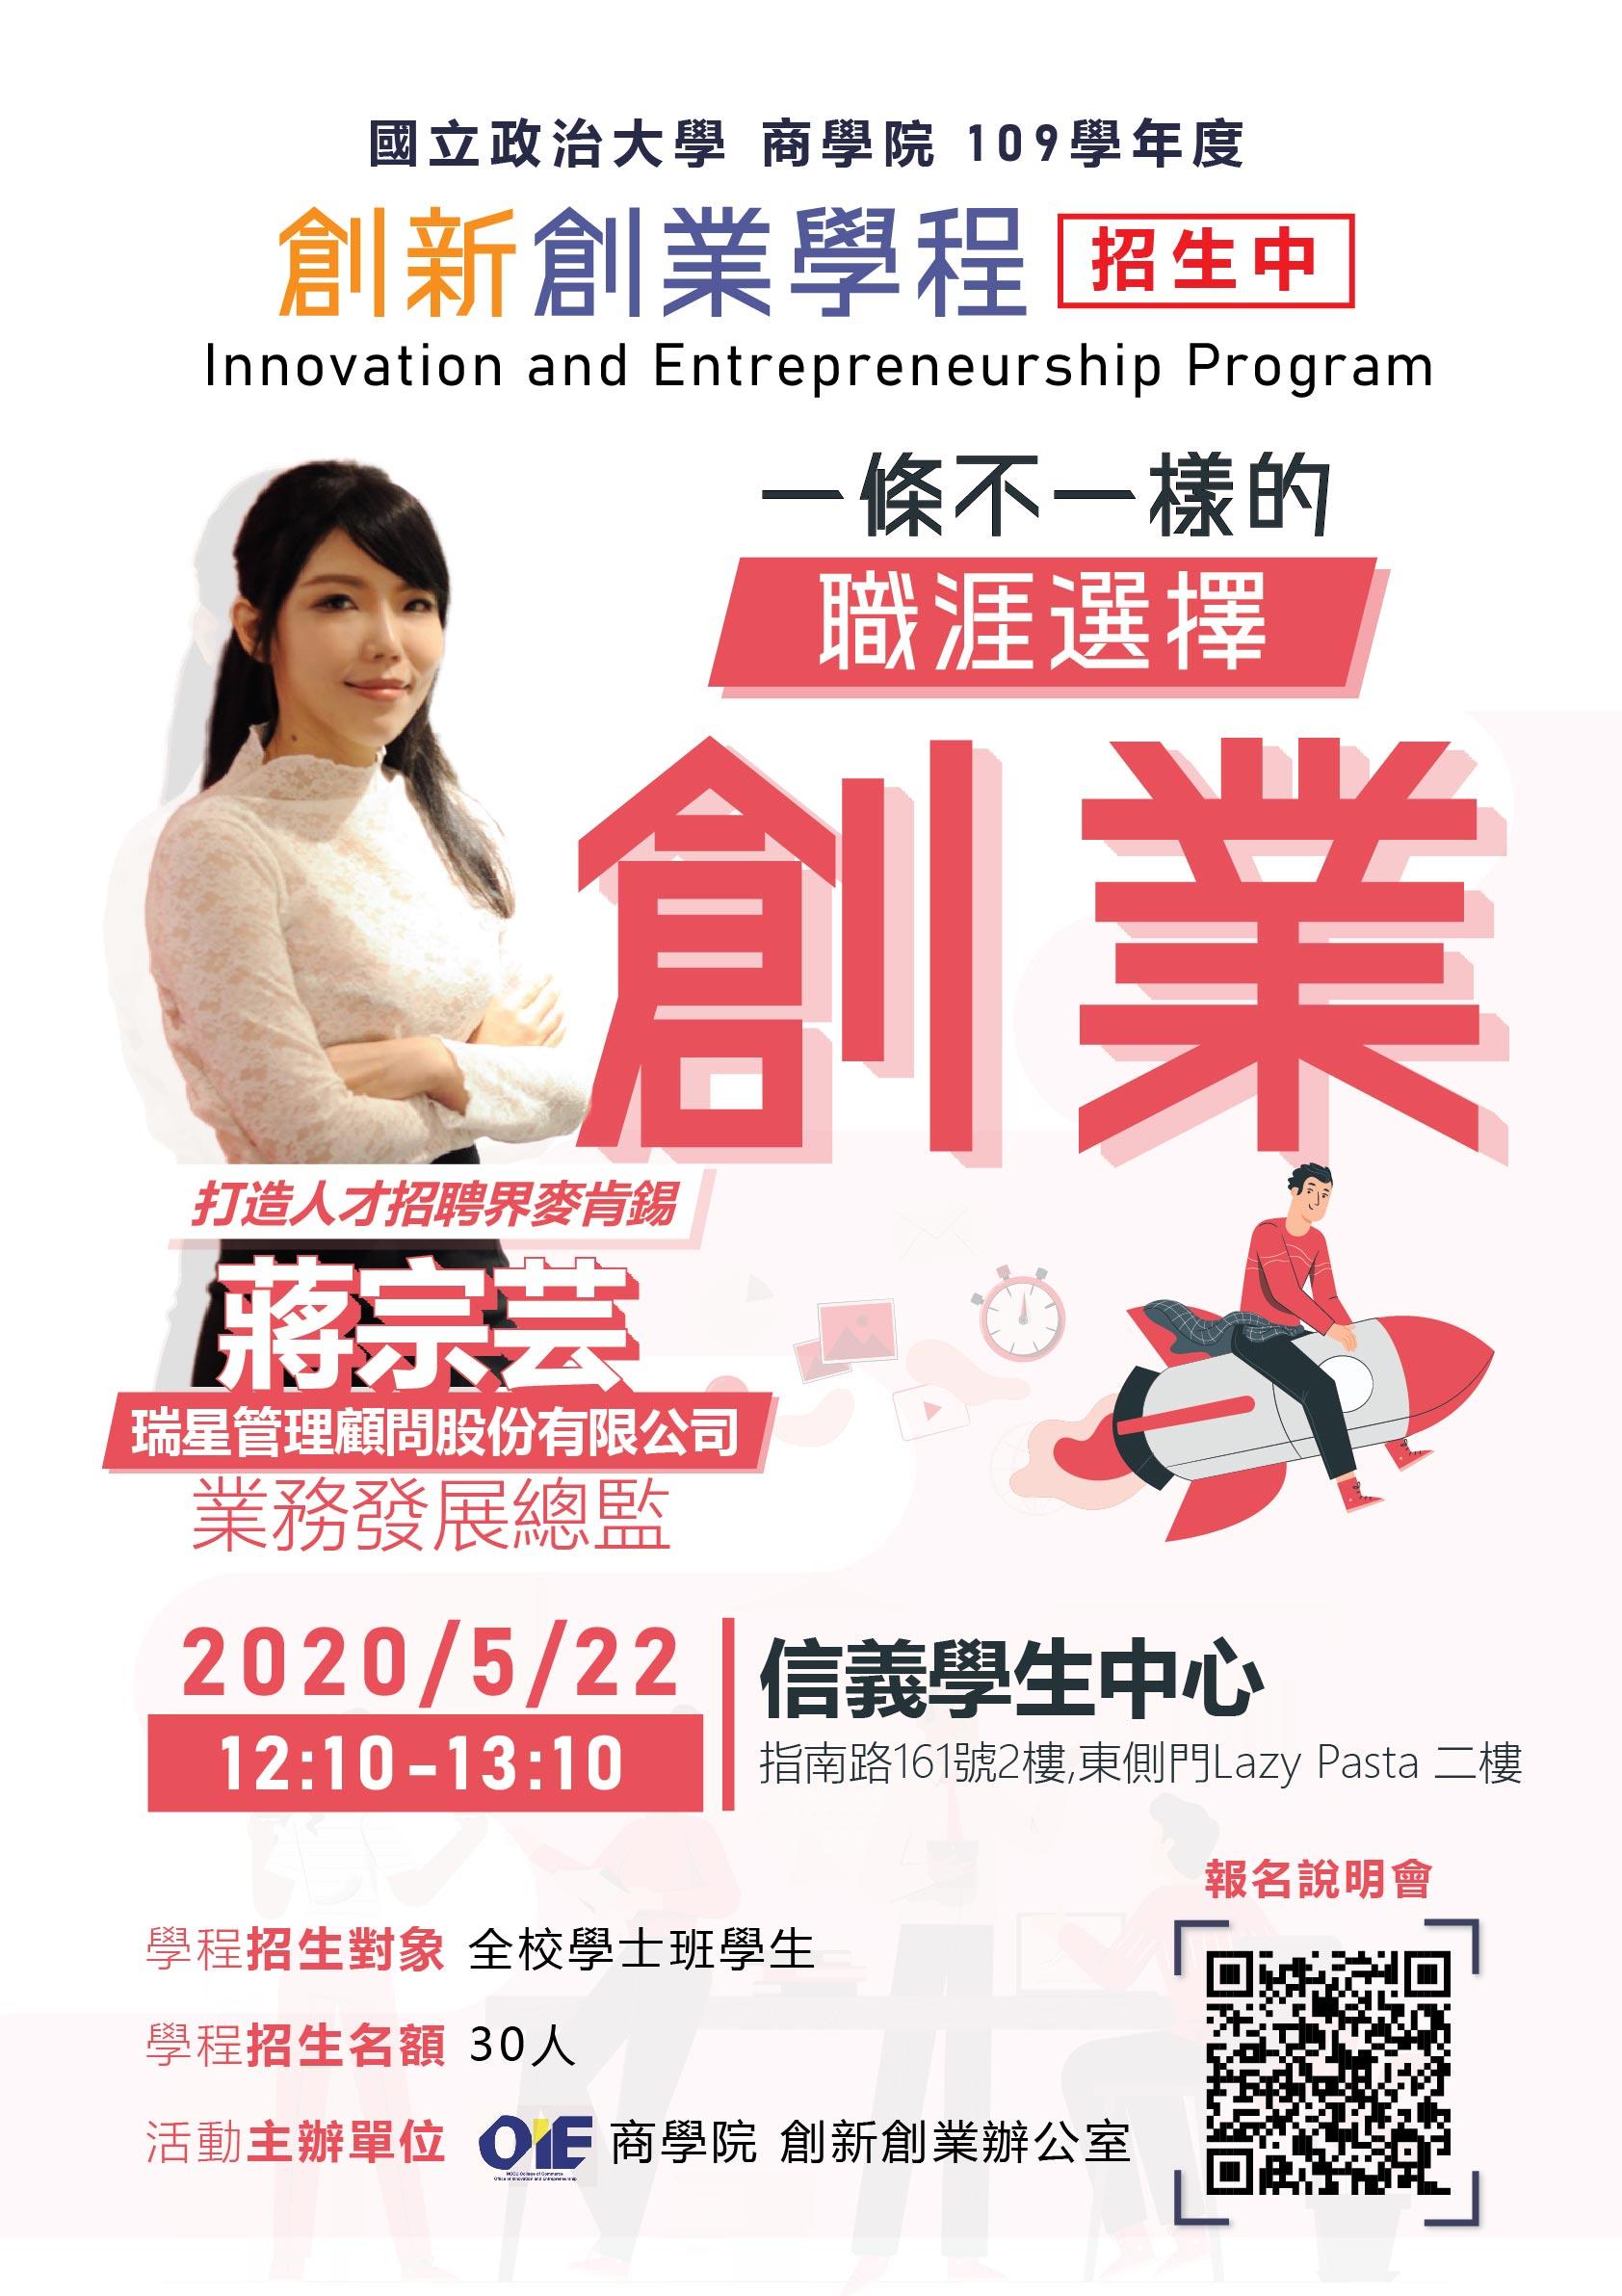 【創新創業學程】招生說明會系列二講座:一條不一樣的職涯選擇-創業